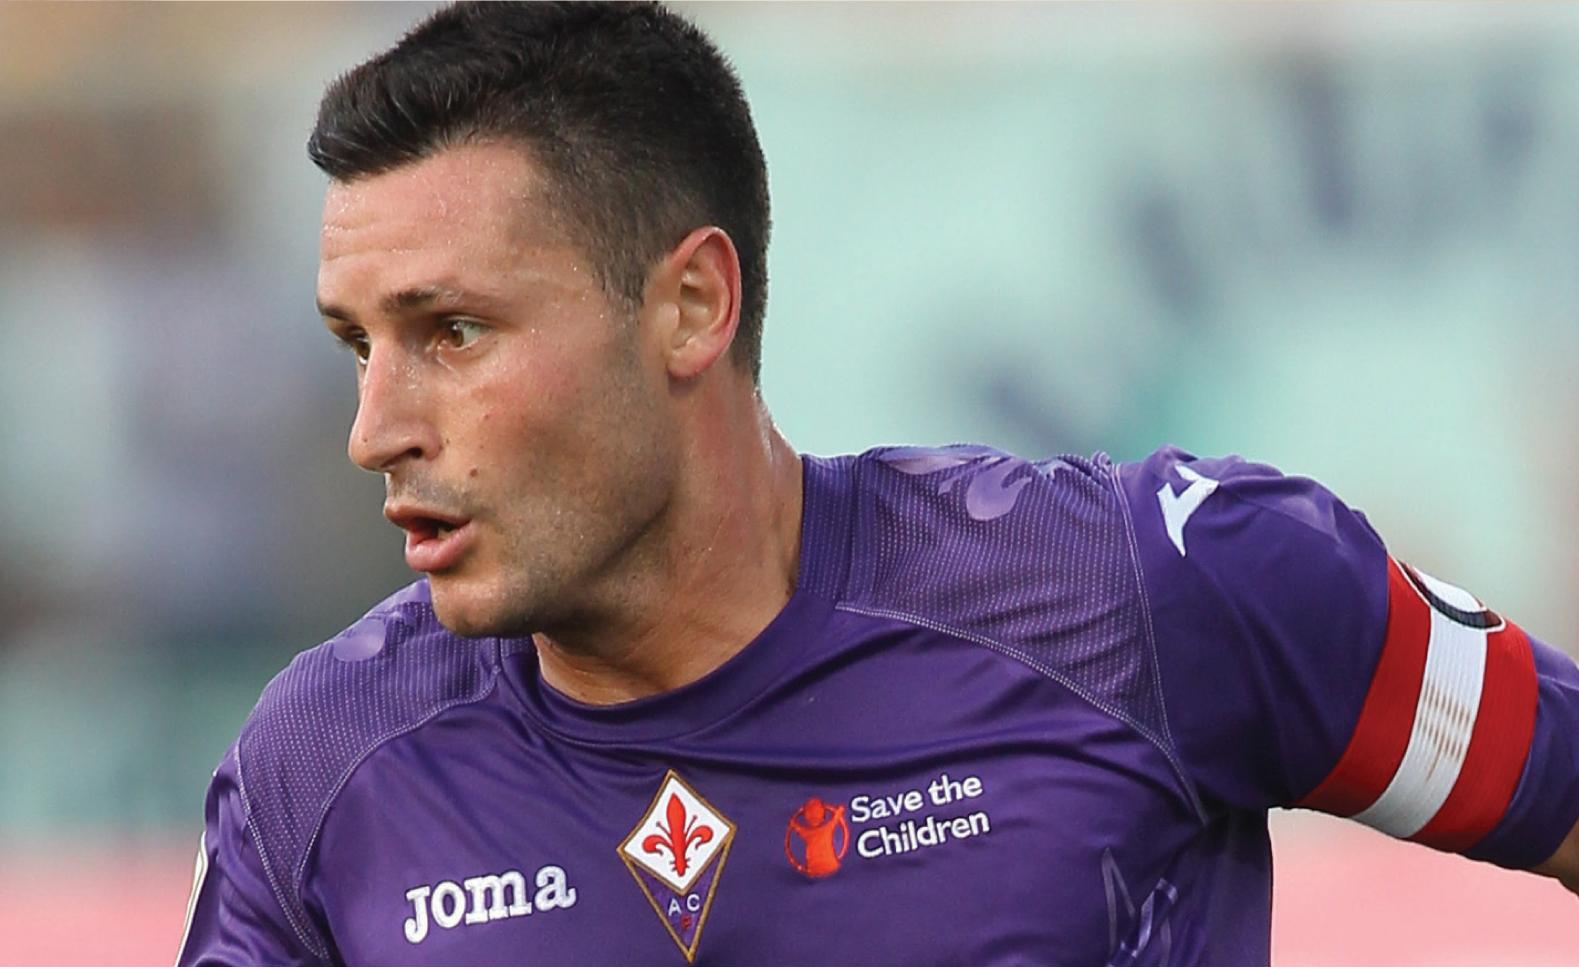 Manuel Pasqual Fiorentina